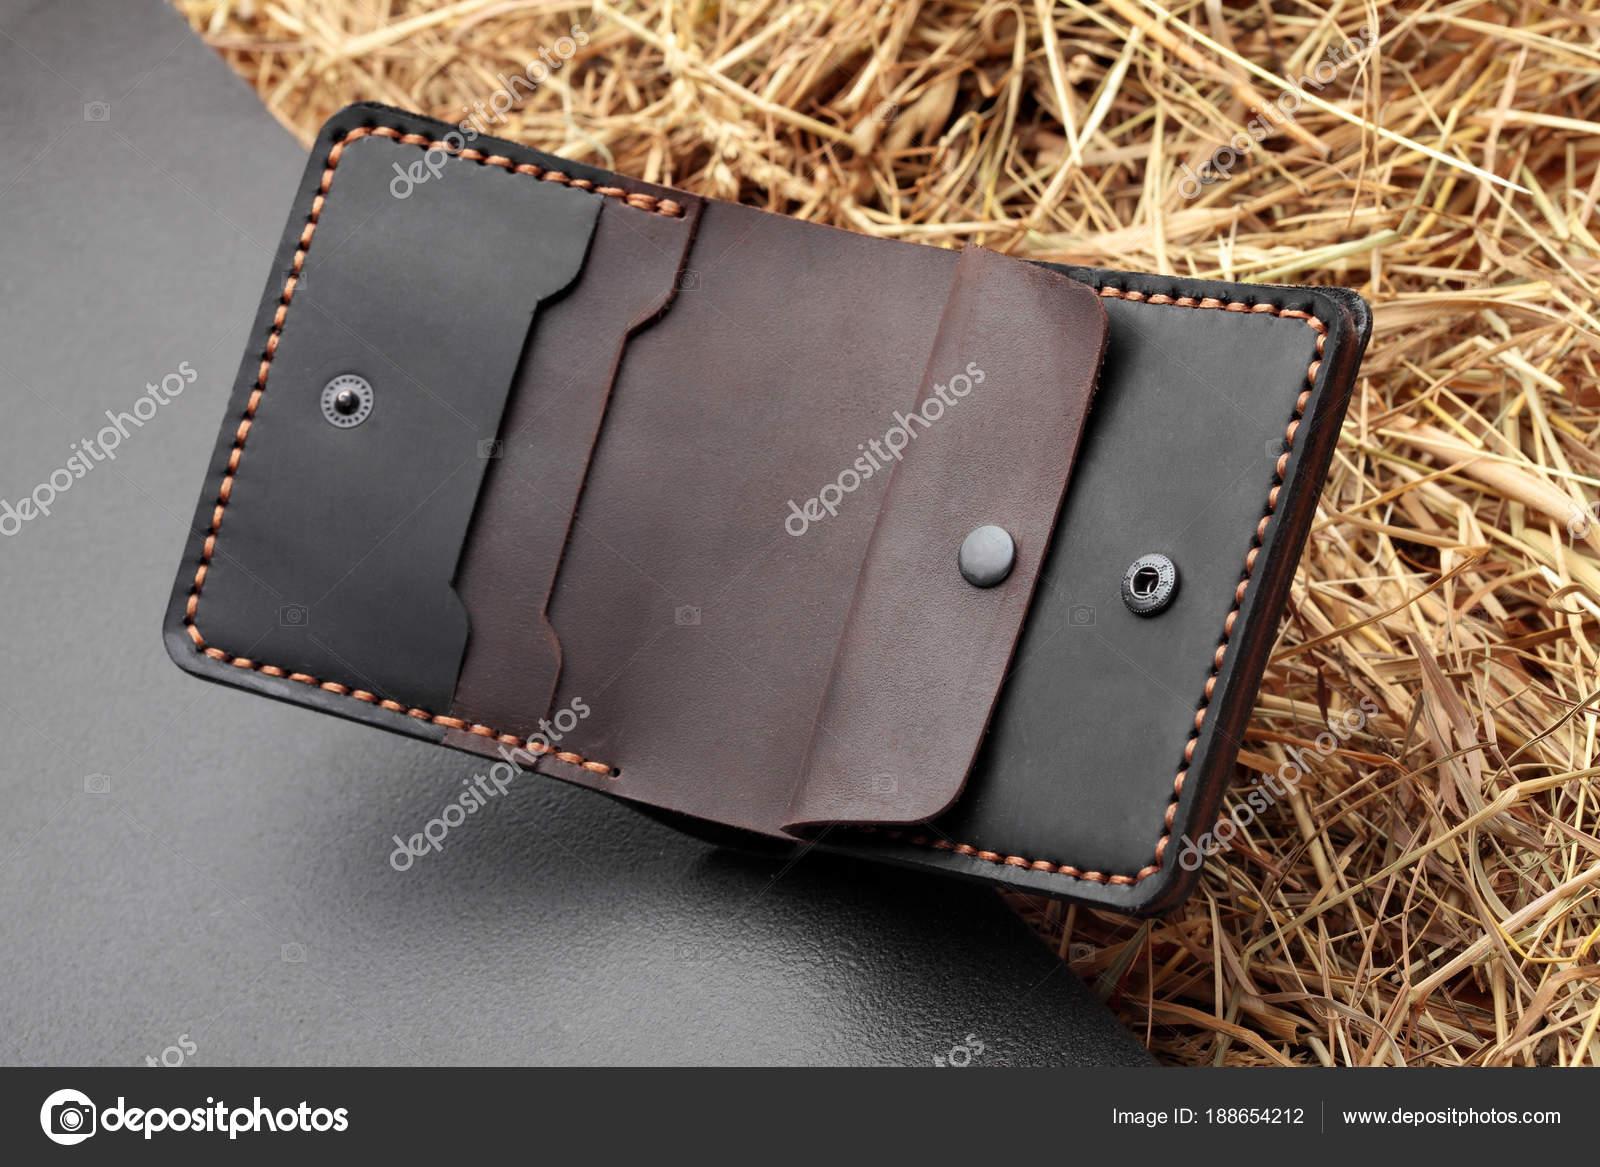 e8a1b52e7f Χειροποίητο πορτοφόλι σκούρο καφέ δέρμα άνθρωπος. Multi χρώματος. Τέχνη  δέρμα. Σε σκούρο φόντο